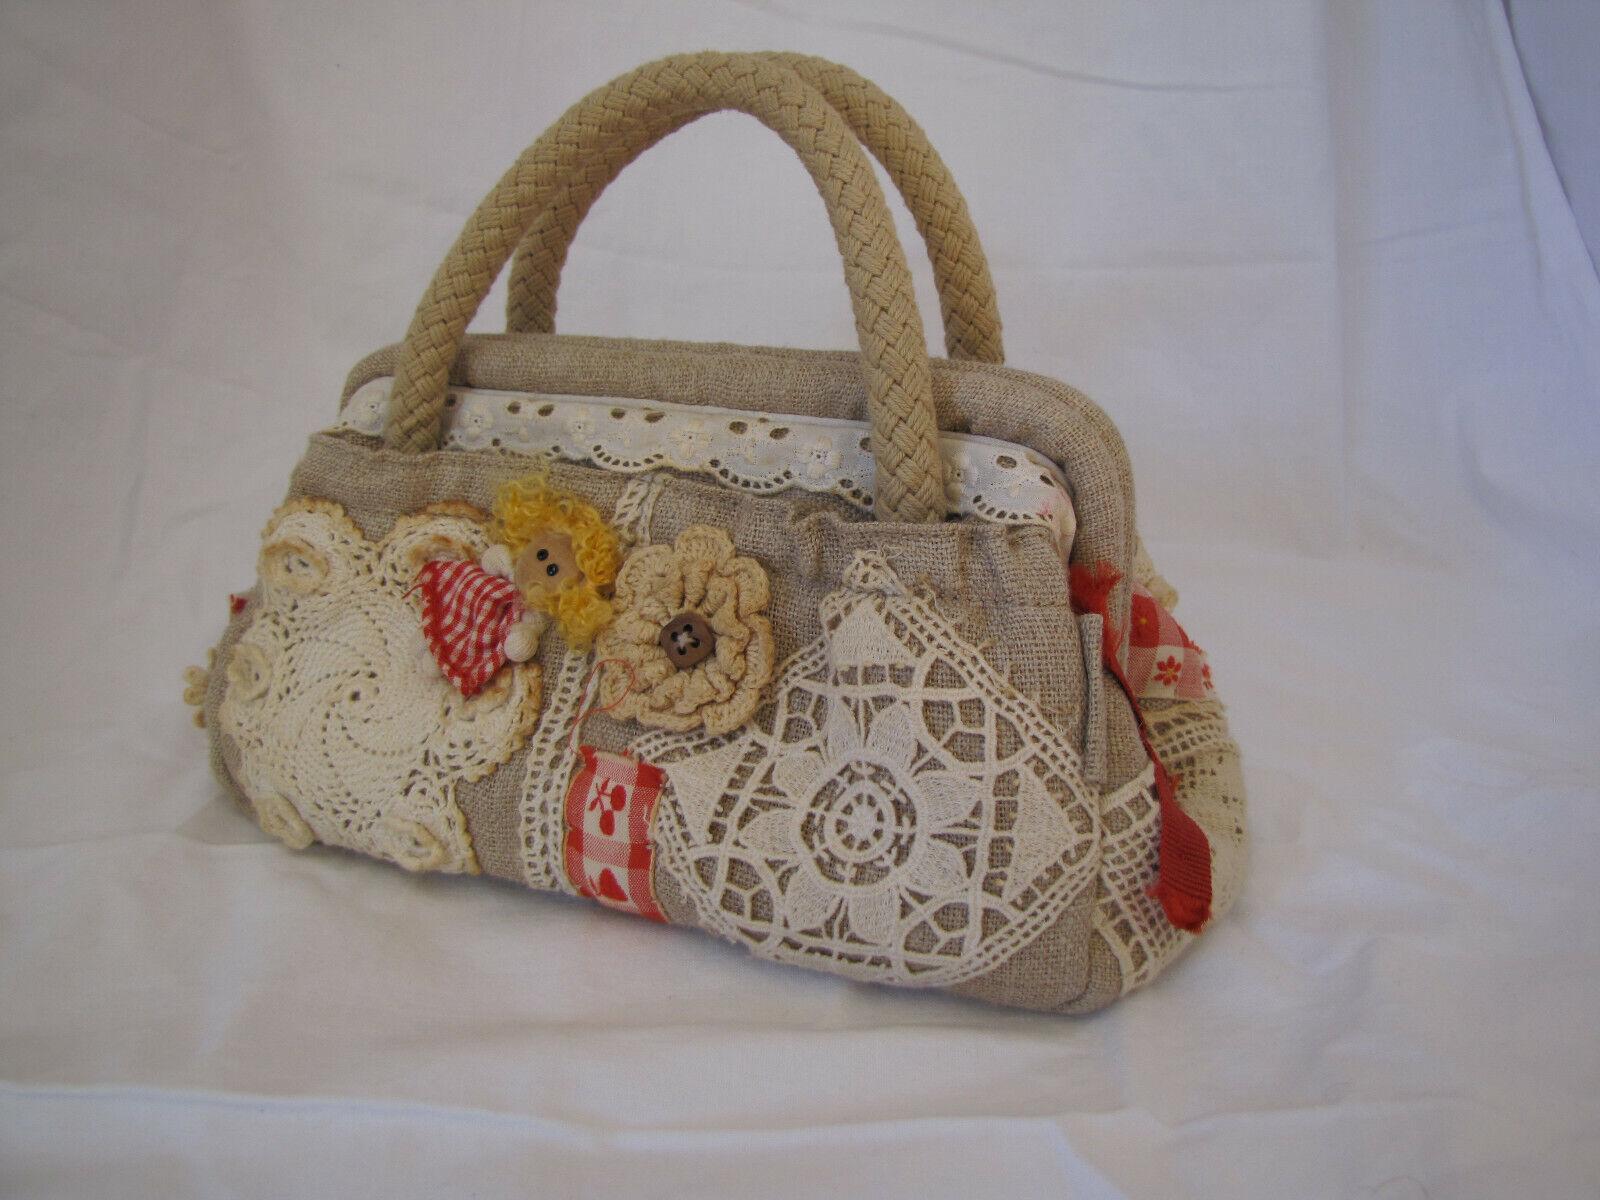 Handtasche,Sissi Rossi, verspielter Landhausstil, Sammlerstück, Vintage-Optik